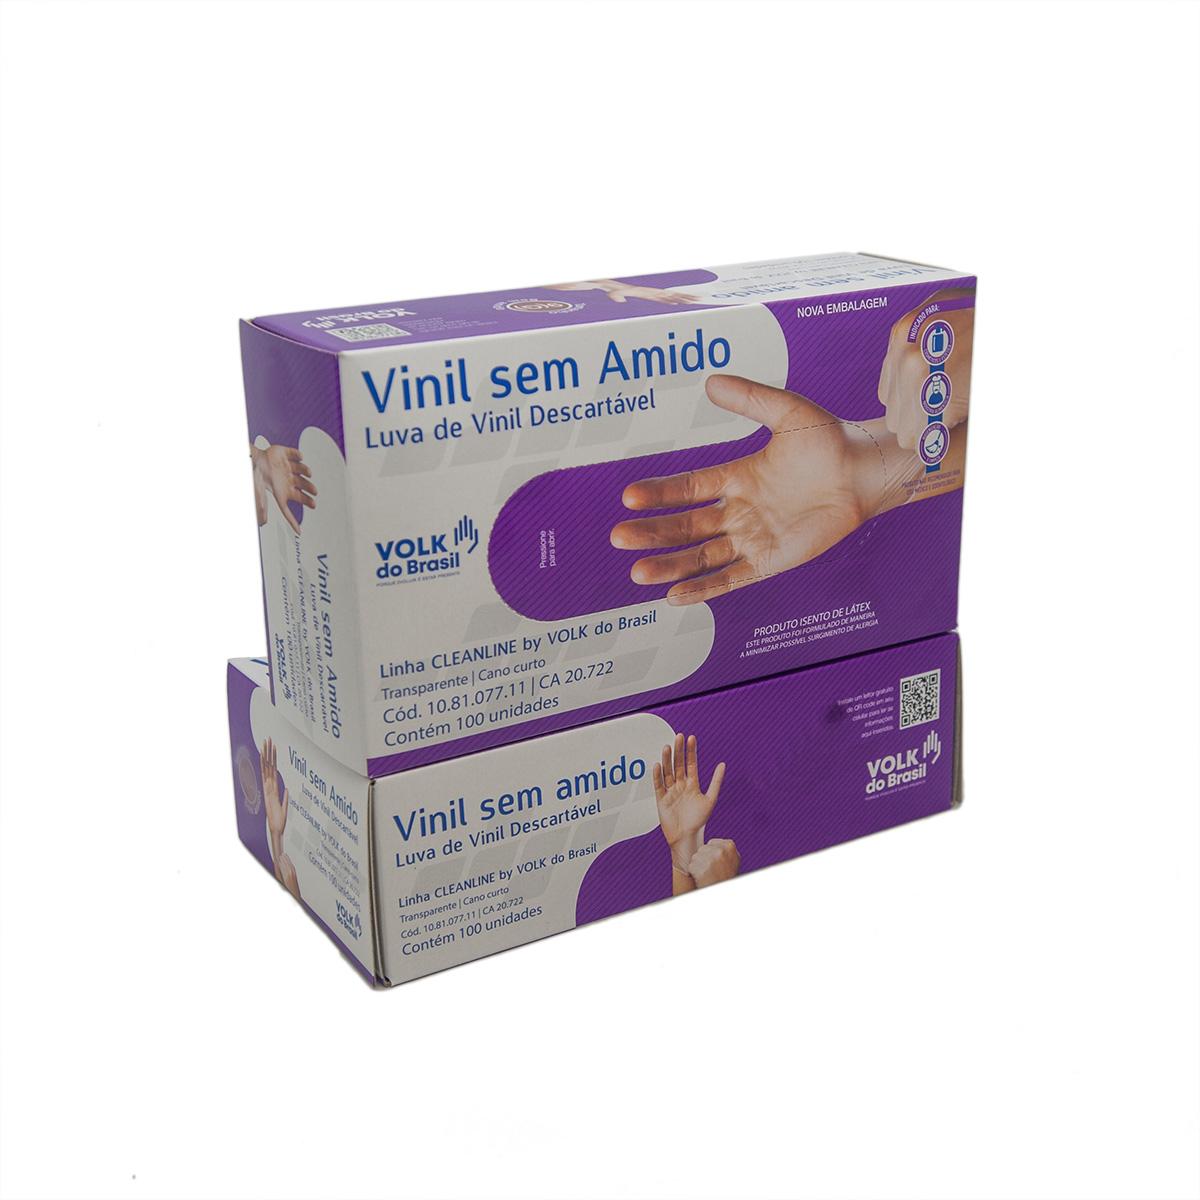 Kit 2 Luva de Vinil sem Amido Transparente Descartavel  CA 20722 Tamanho: G